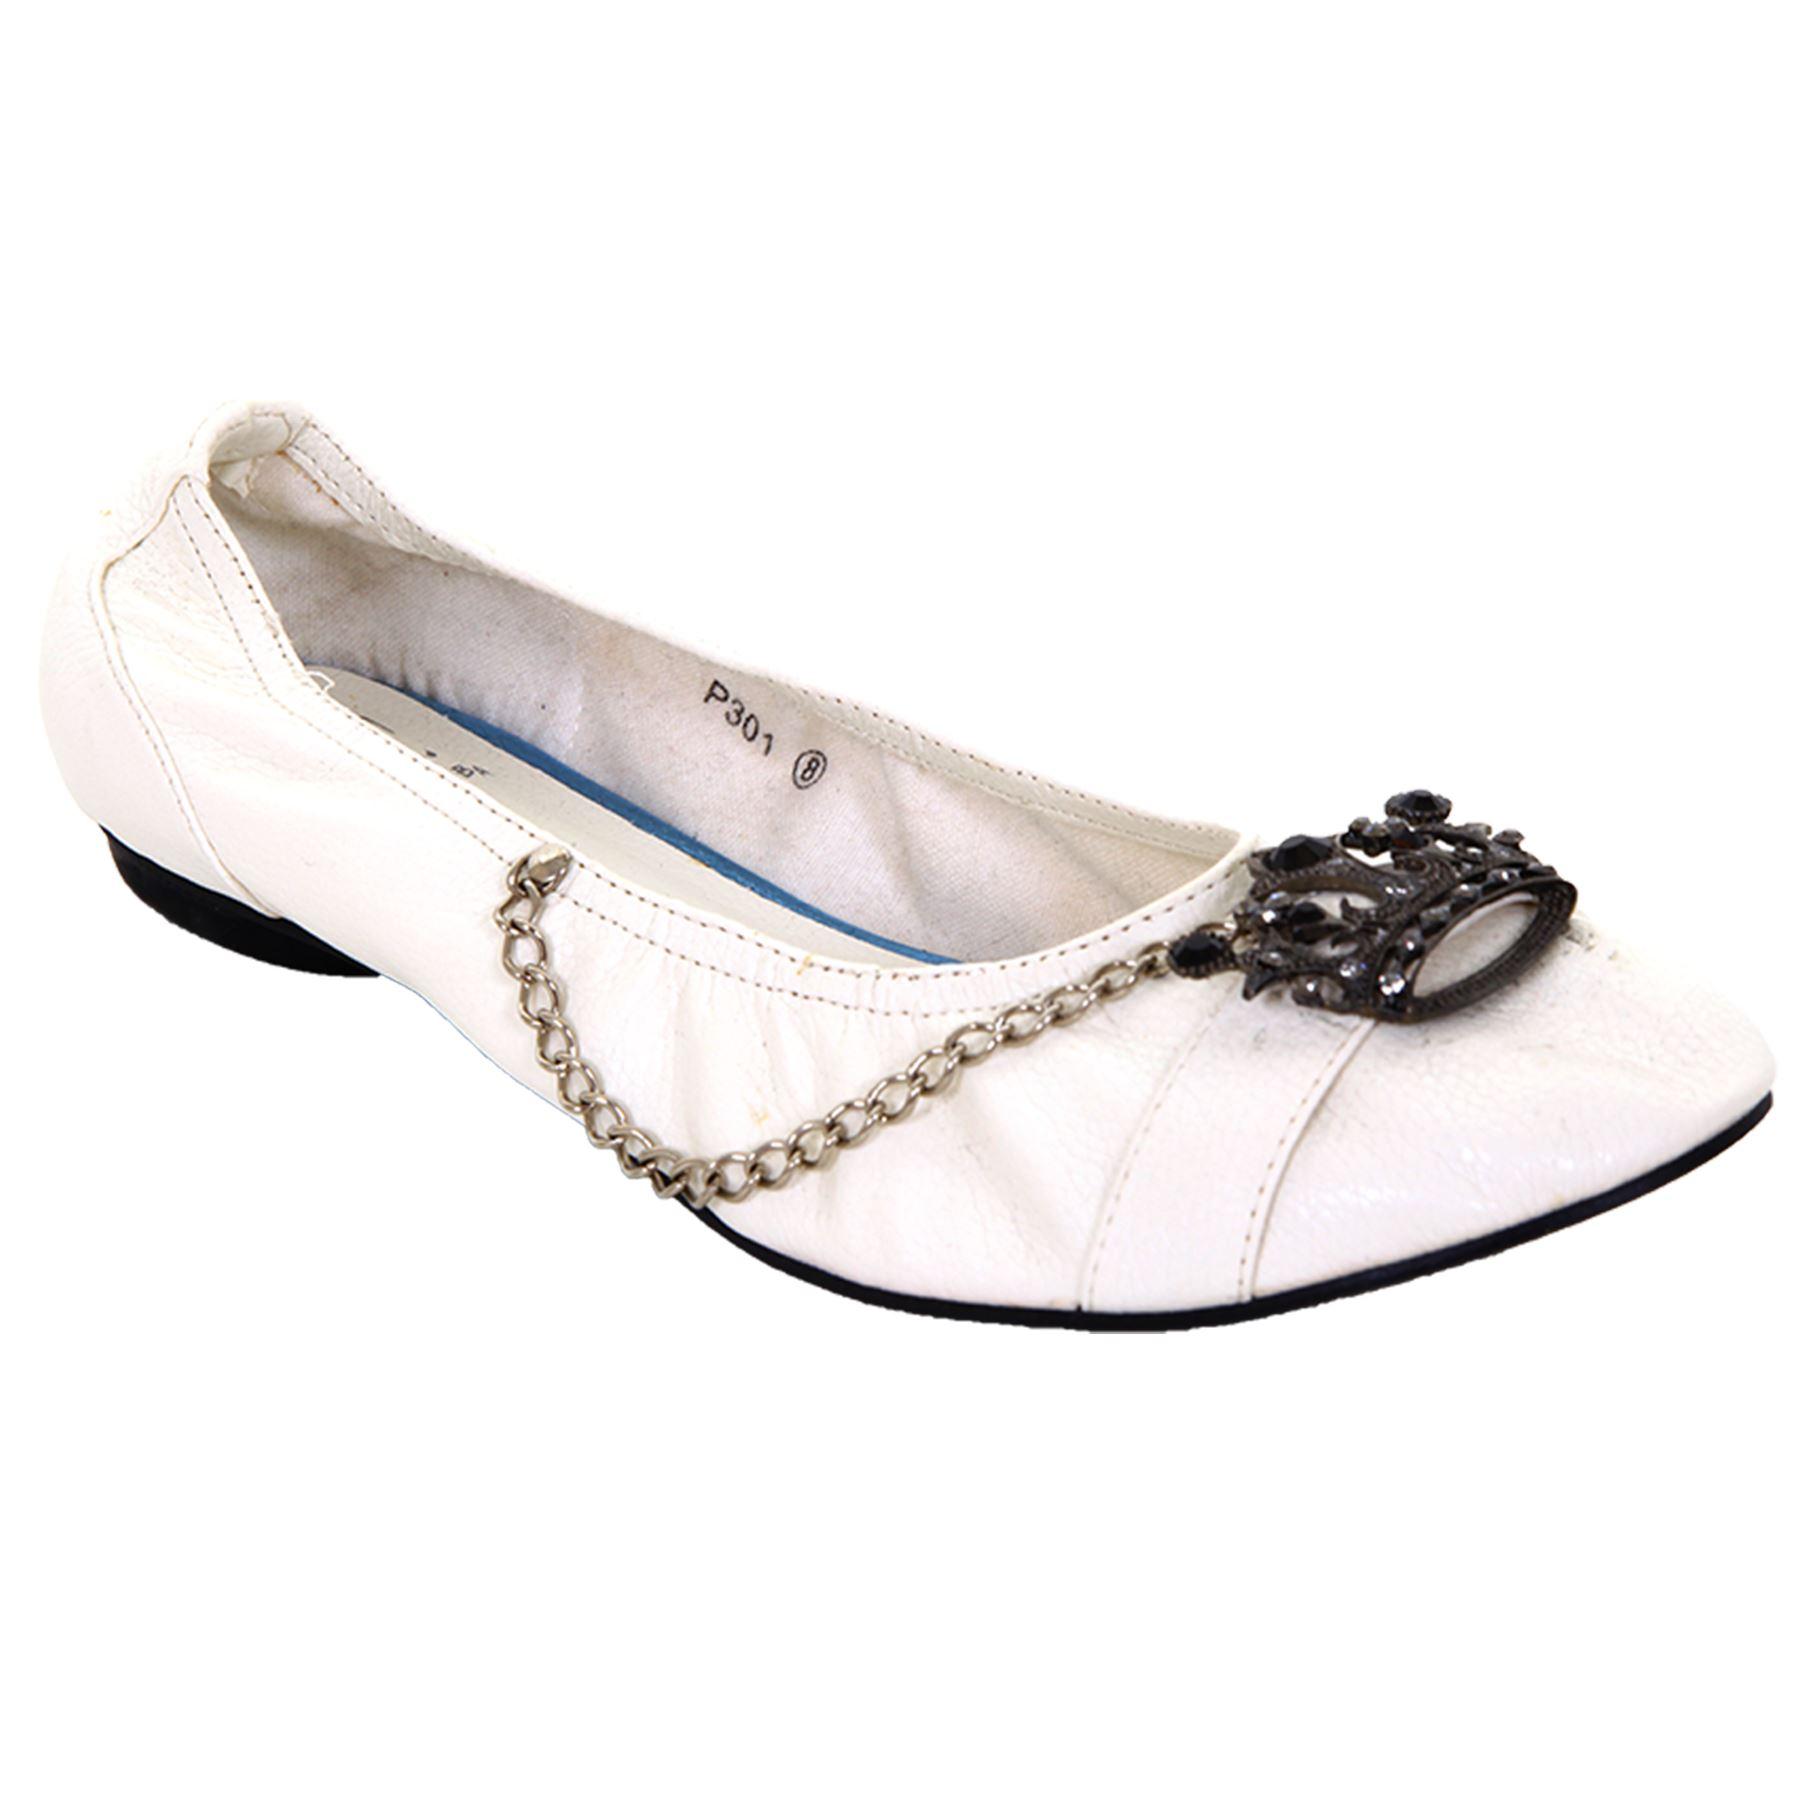 Damen Kunstleder Ohne Bügel Mit juwelen besetzt Krone Kette weiß Schuhe Flache